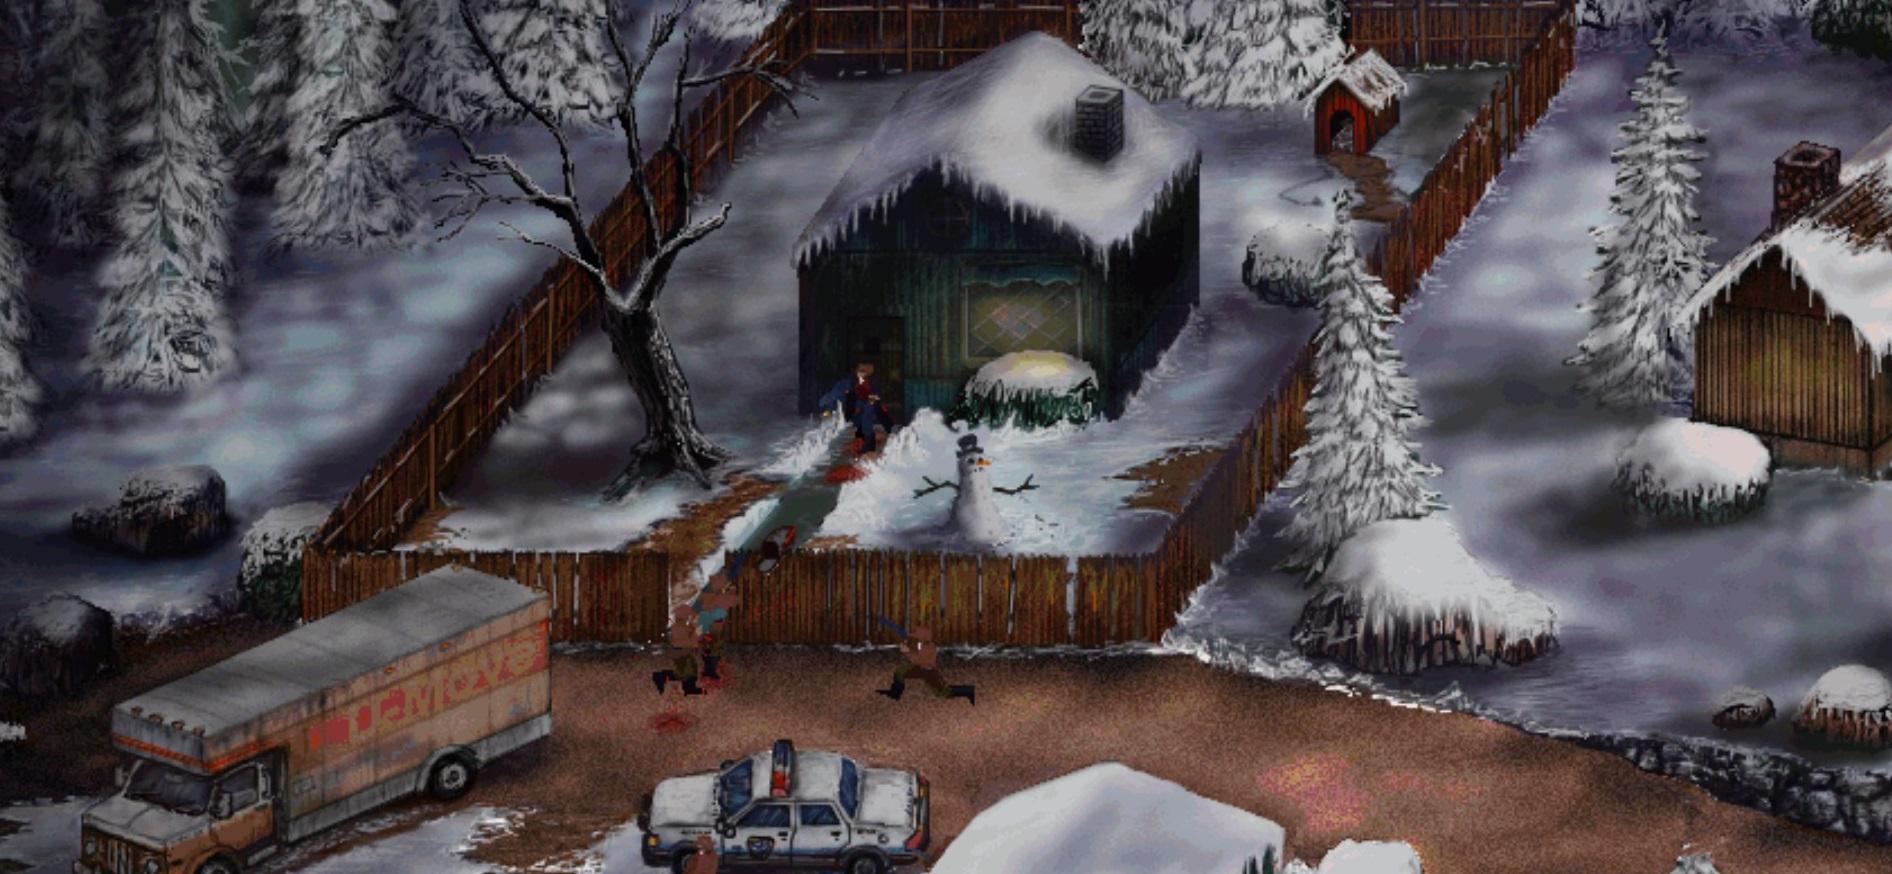 Postal 1997 года стала бесплатной. Прямо сейчас в Steam в нее играют 314 тысяч человек